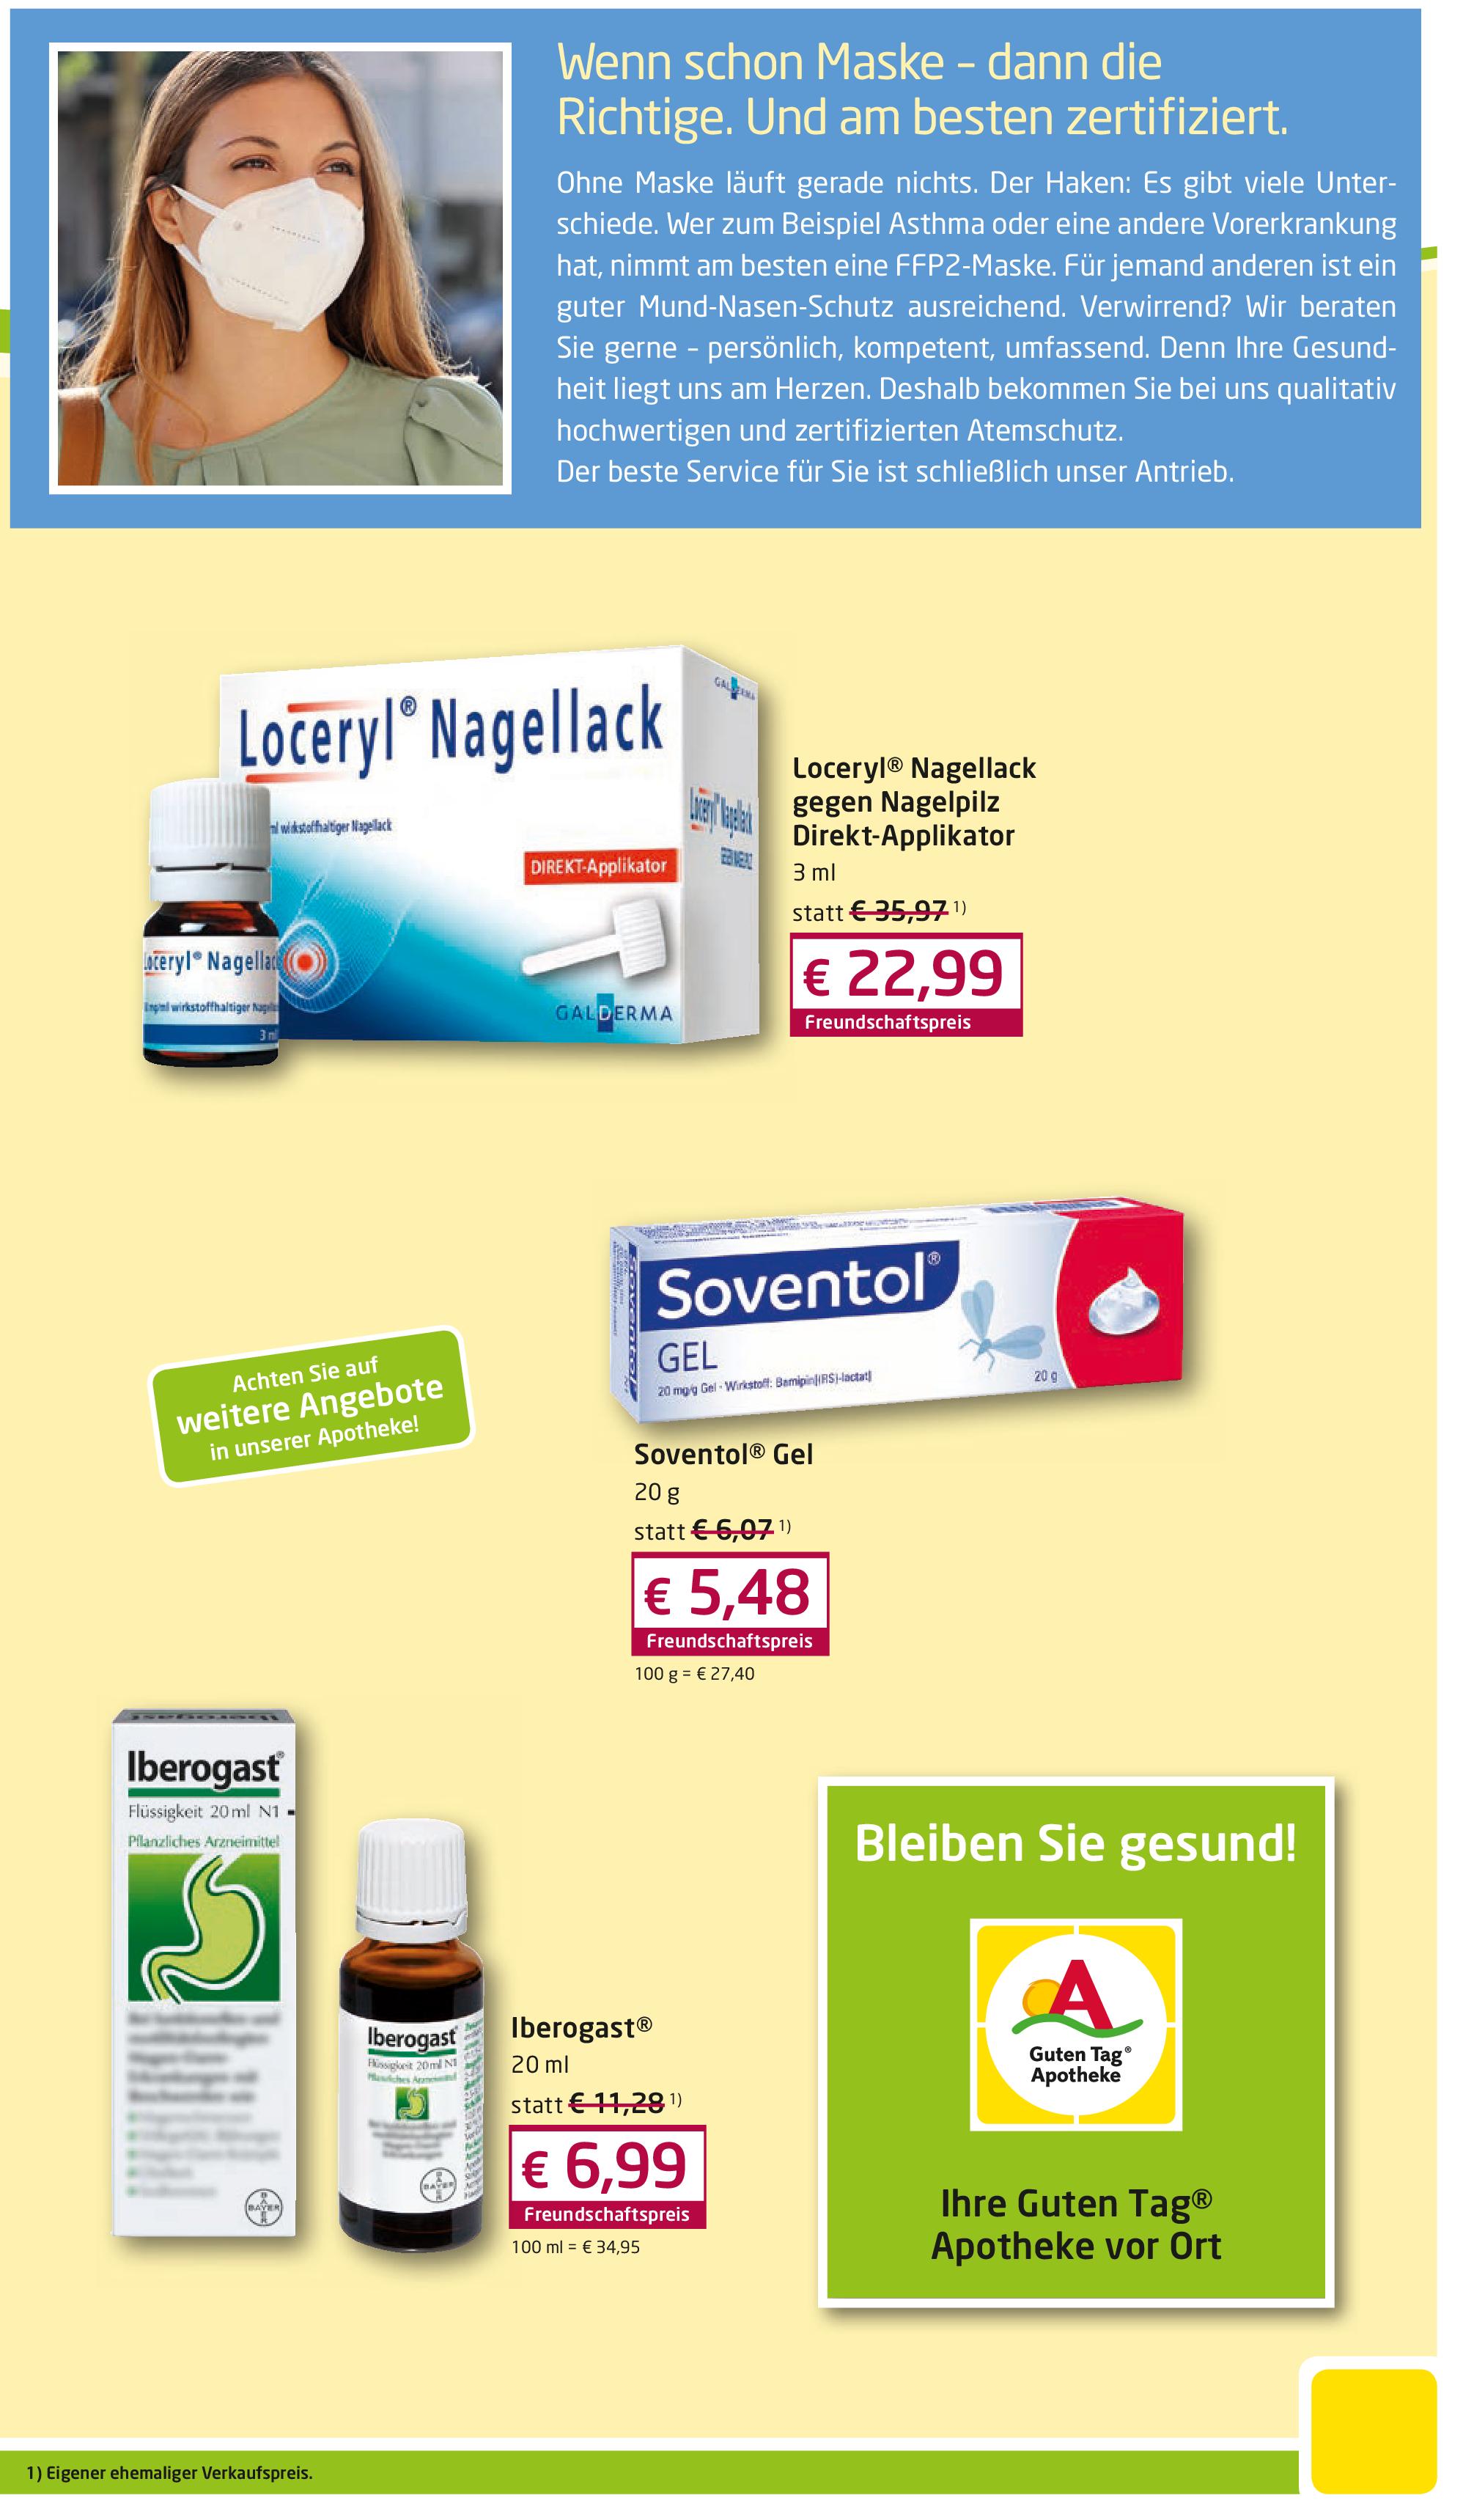 https://mein-uploads.apocdn.net/7439/leaflets/Neue_Nienburg-6er-Seite6.png